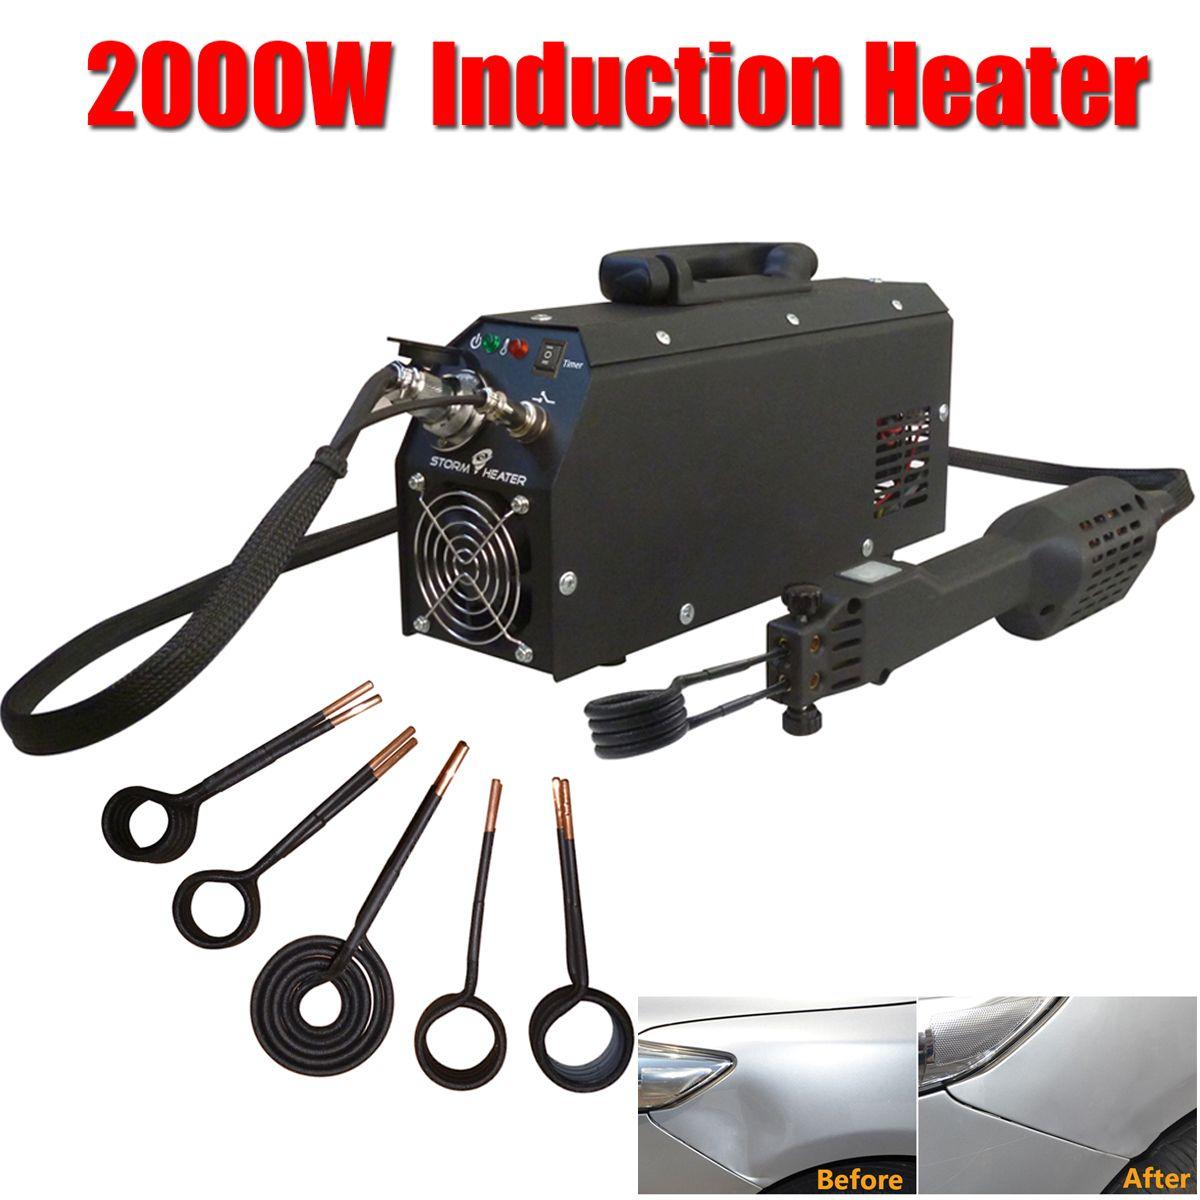 2000 watt Auto Entfernung von Dellen Werkzeug Auto Induktion Heizung Reparatur Maschinen Werkzeug Paintless Entfernen Werkzeug für Auto Reparatur Auto körper Reparatur